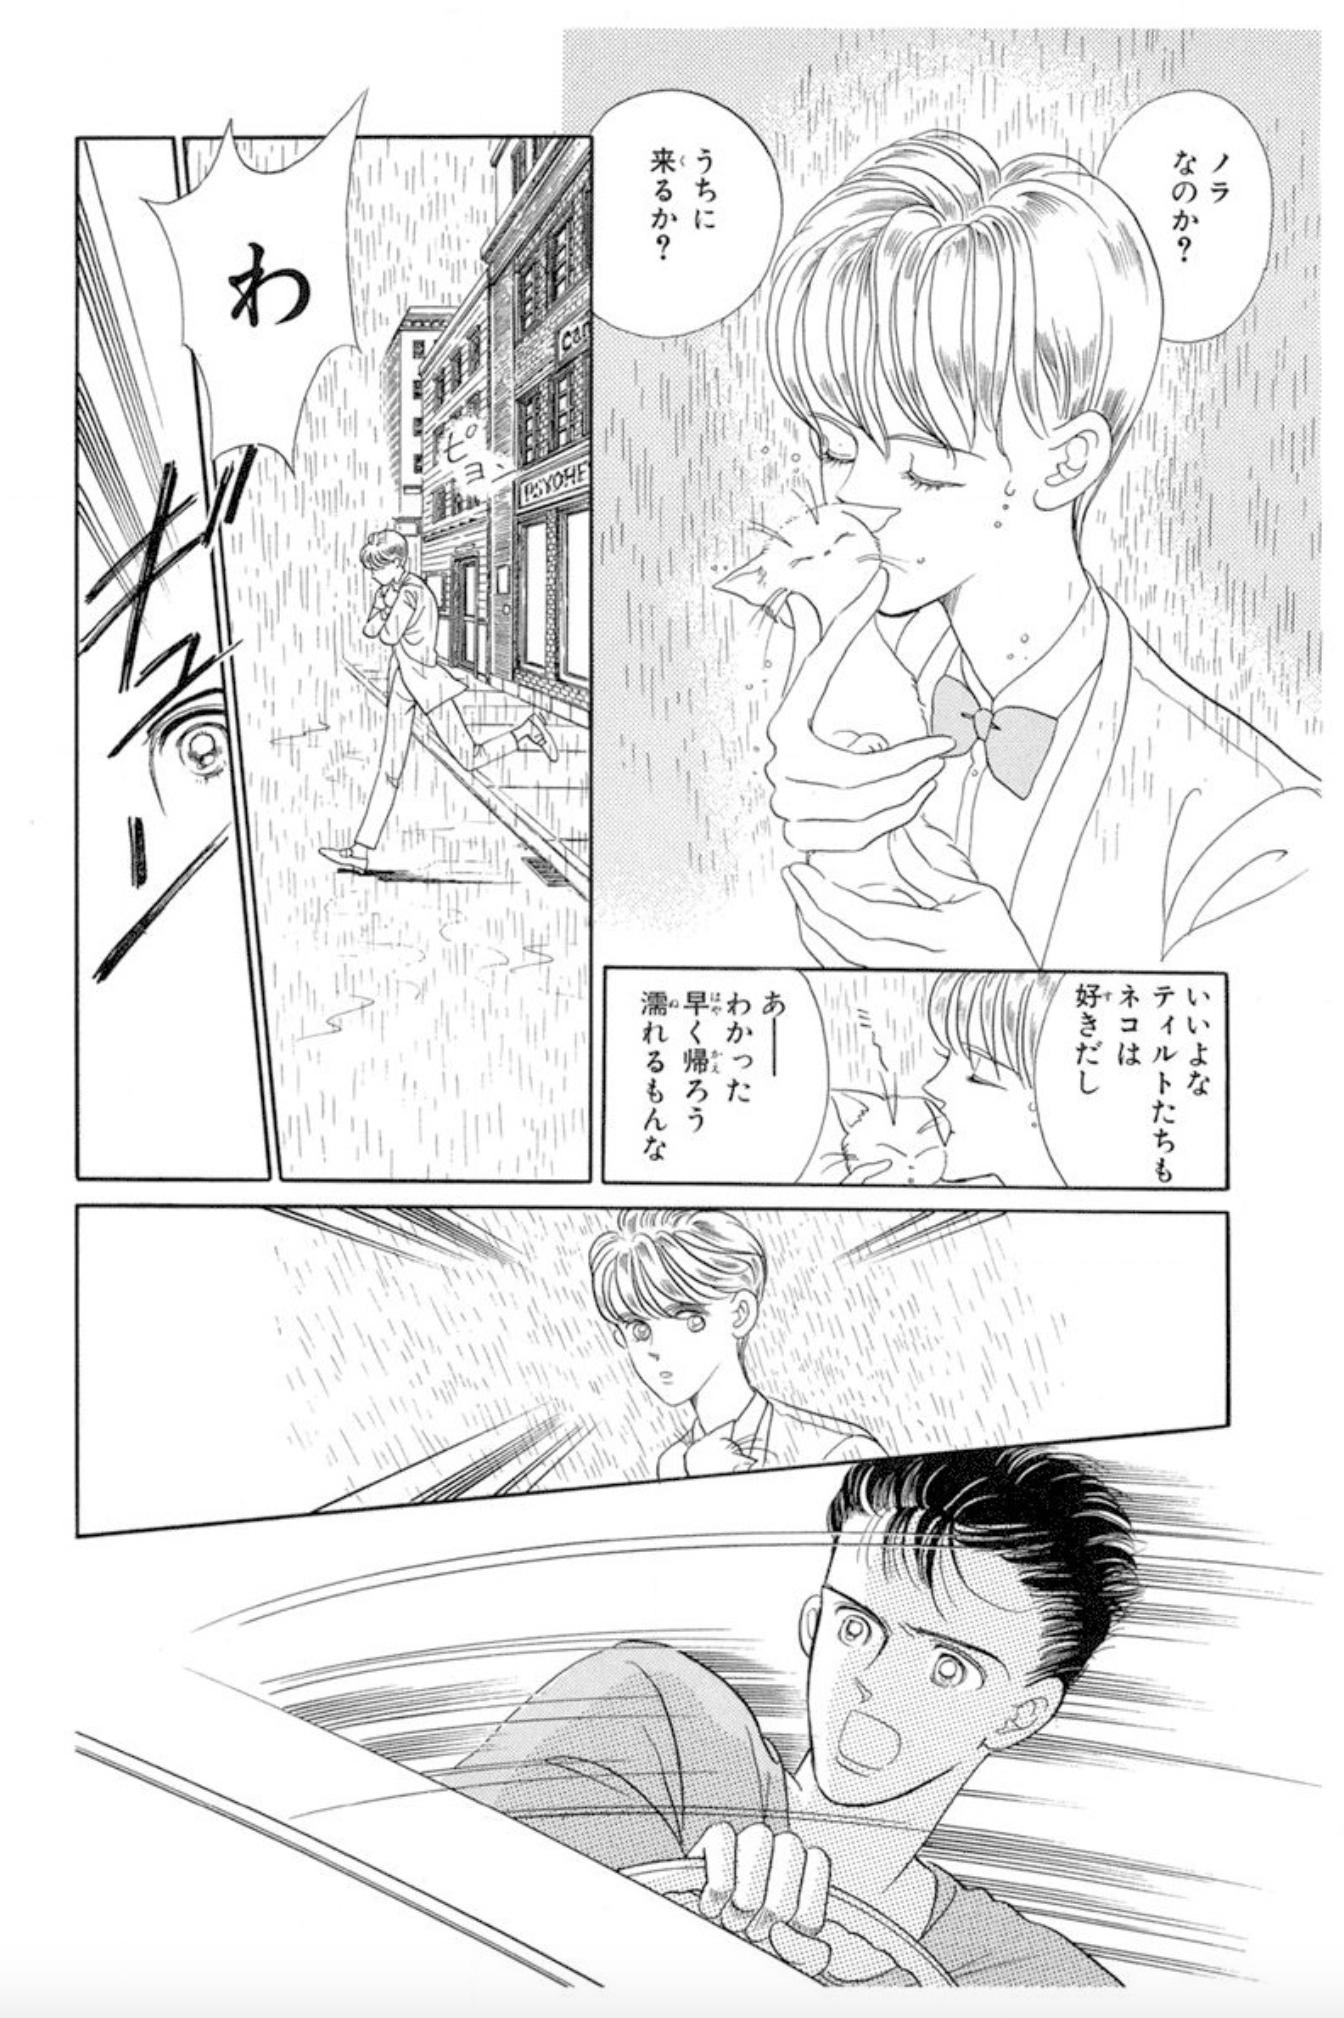 漫画『月の子 MOONCHILD』の見所をネタバレ考察!キャラが魅力的!